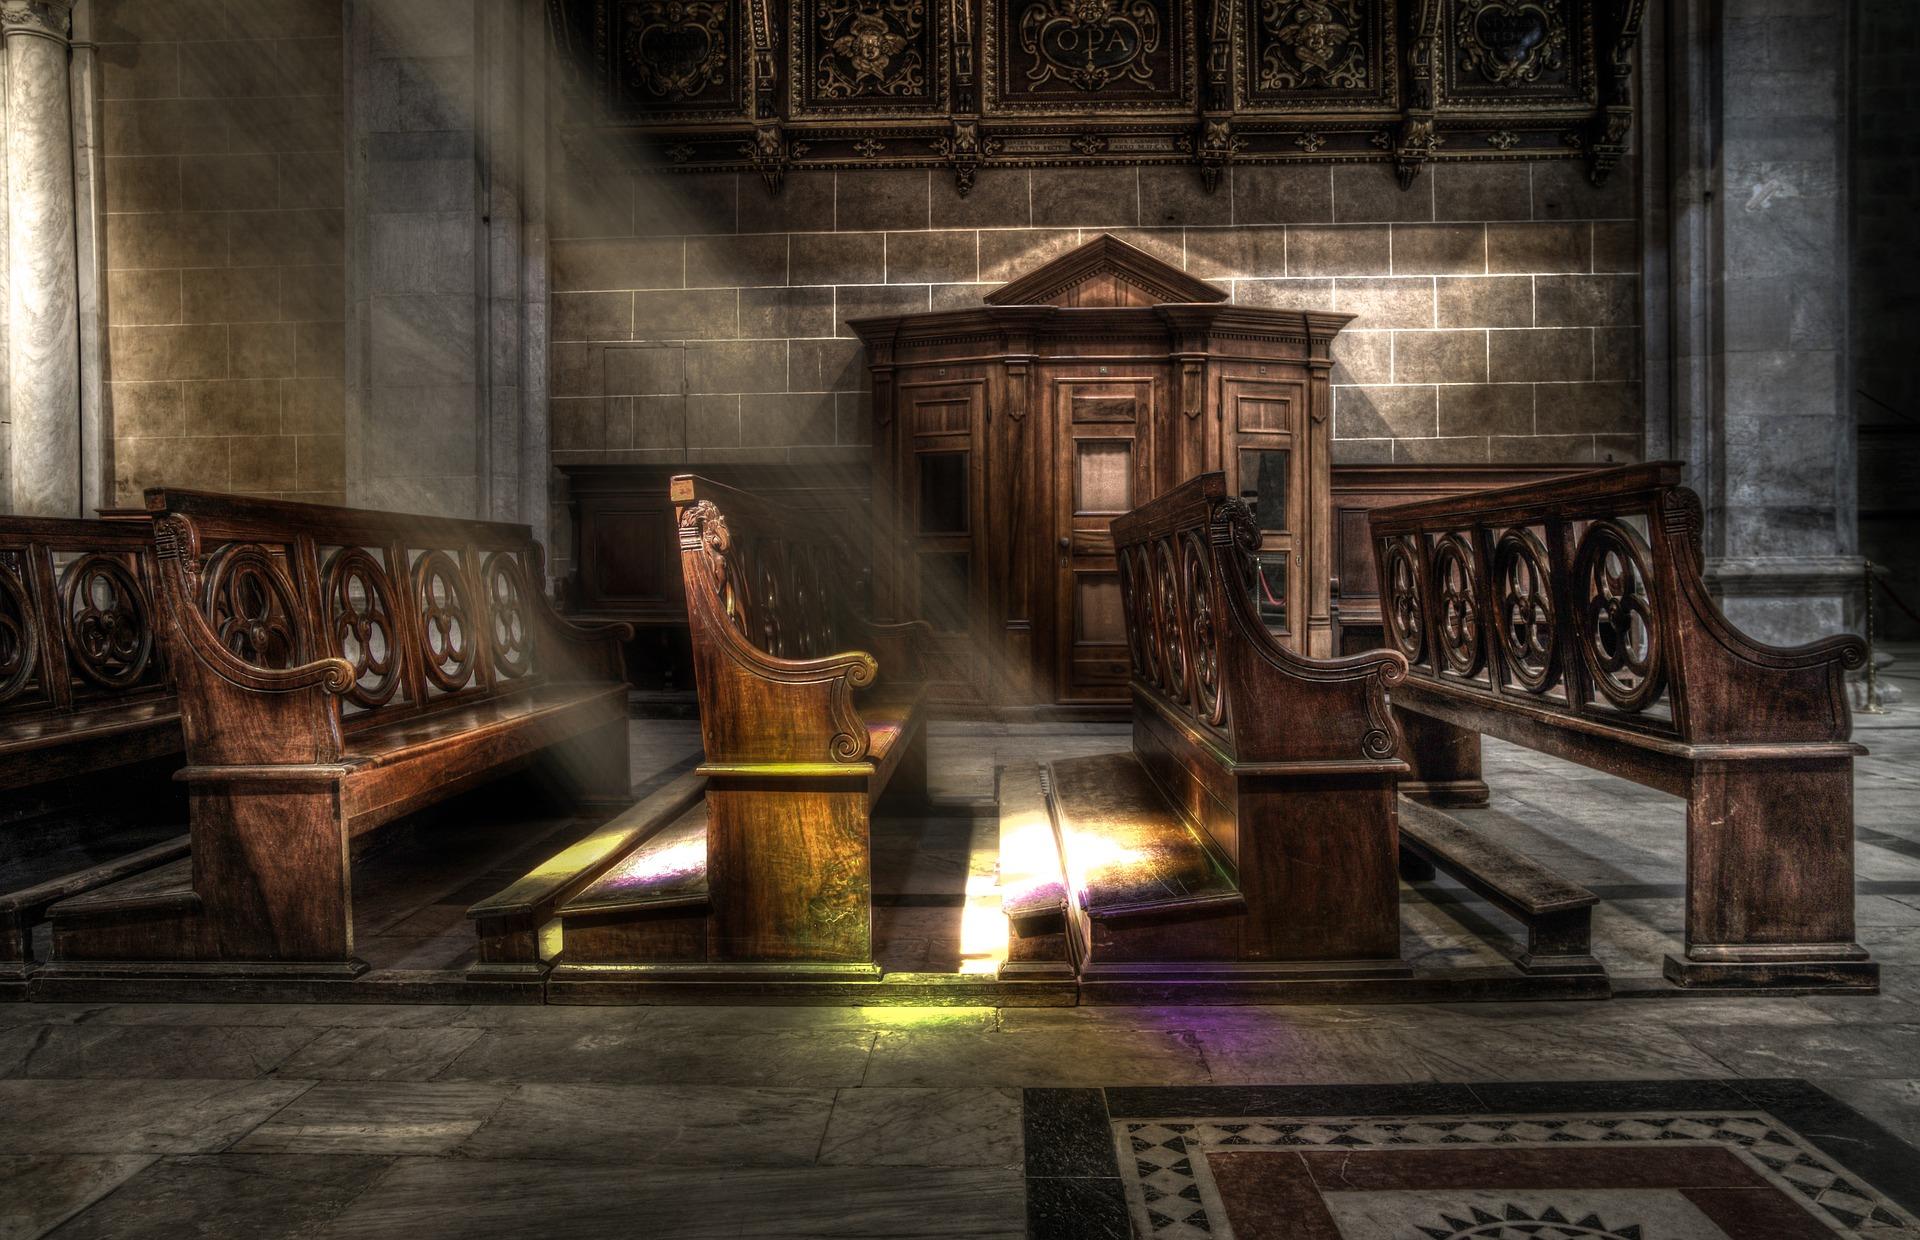 Zakaz wkraczania władzy państwowej na terytorium Kościoła obowiązuje! - Zdjęcie główne